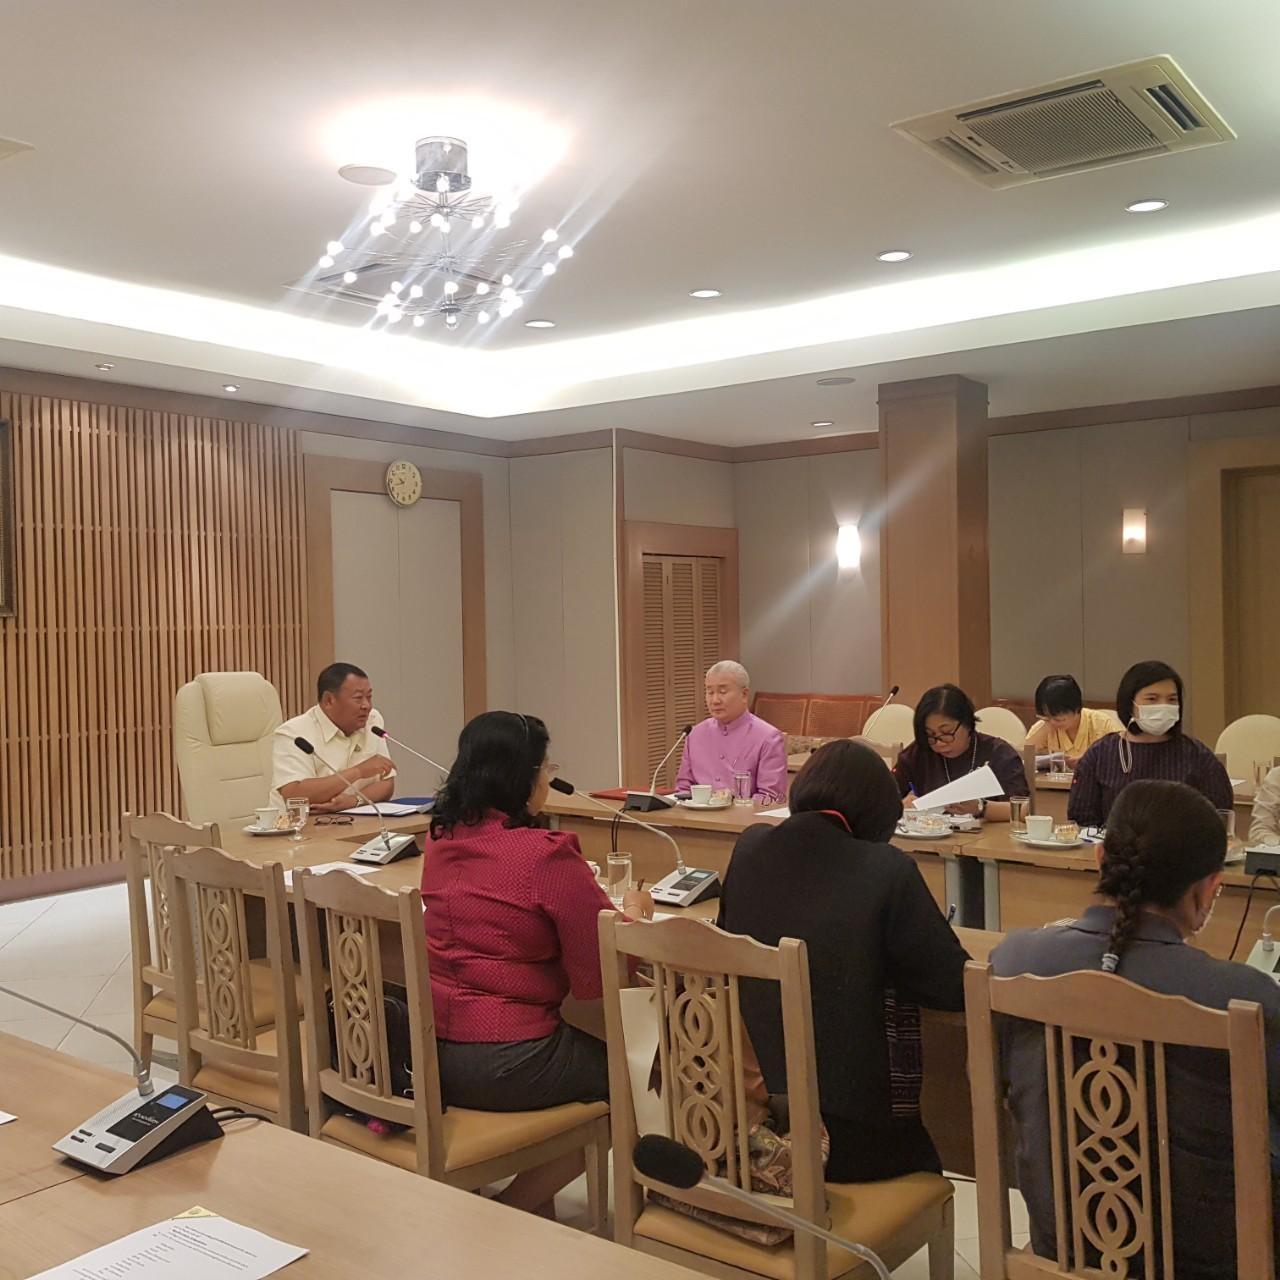 ประชุมผลการดำเนินงานระบบวิเคราะห์ข้อมูลผู้เข้าชมพิพิธภัณฑสถานแห่งชาติพระนคร